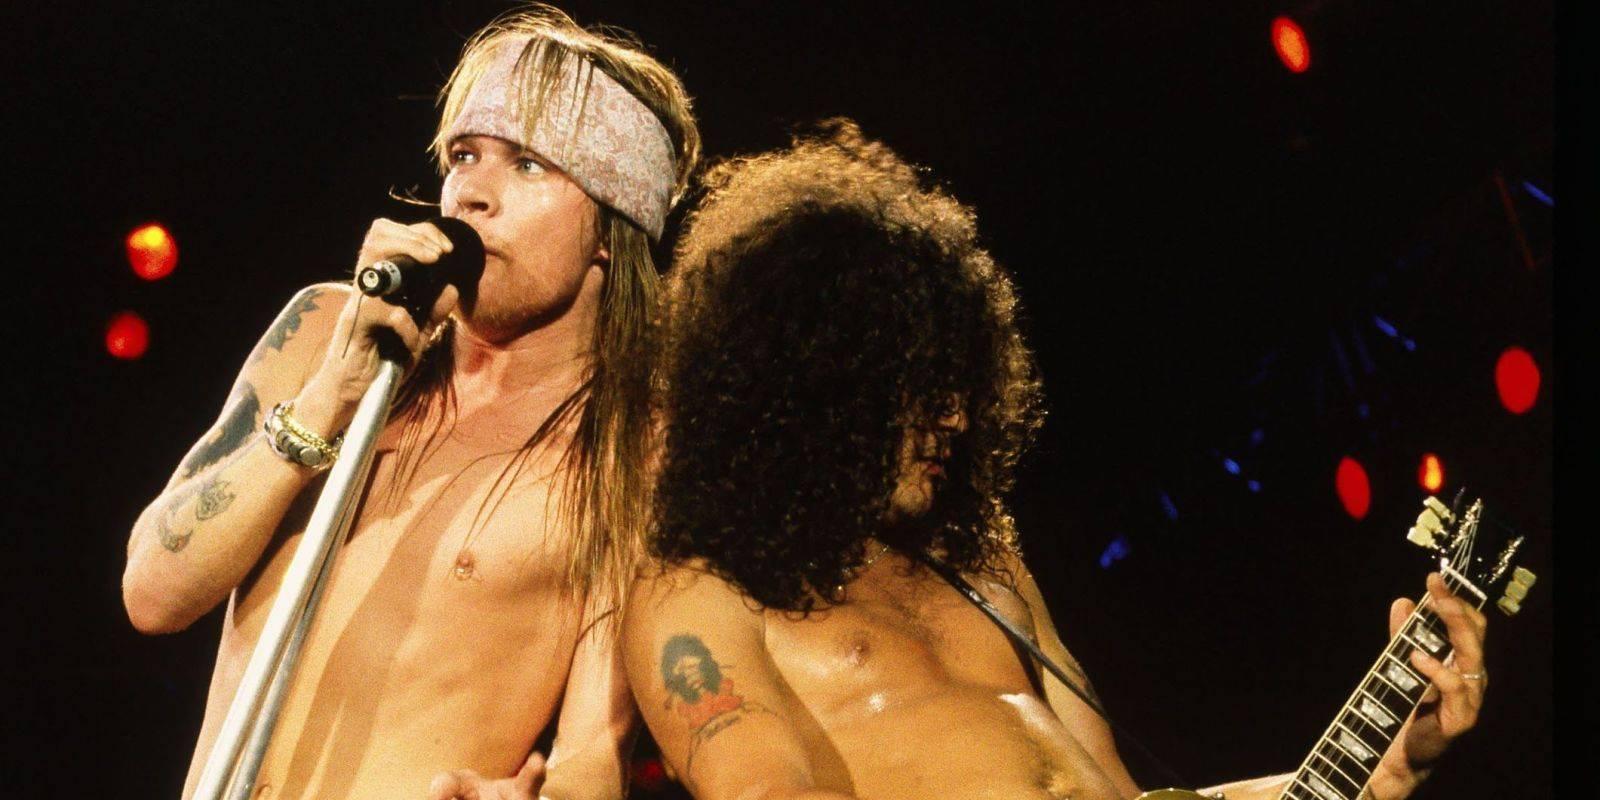 Pražský koncert Guns N' Roses: Pořadatelé varují před nedostatkem parkovacích míst a zveřejnili harmonogram večera